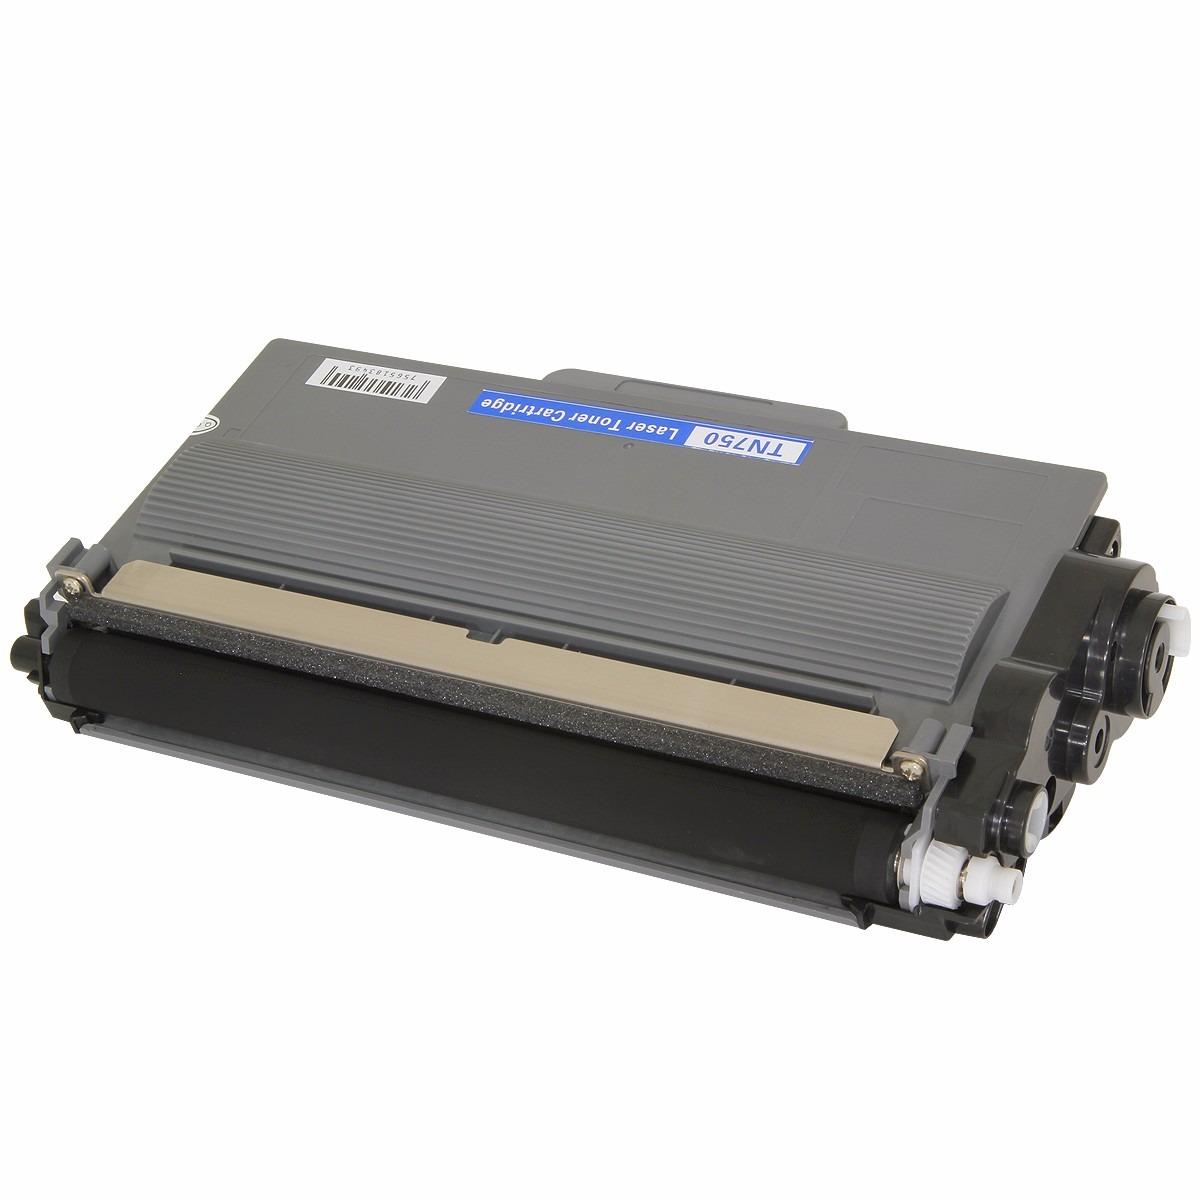 Cartucho de Toner Brother Compatível Tn750 Tn720 Tn3332 Tn3382 Tn3392